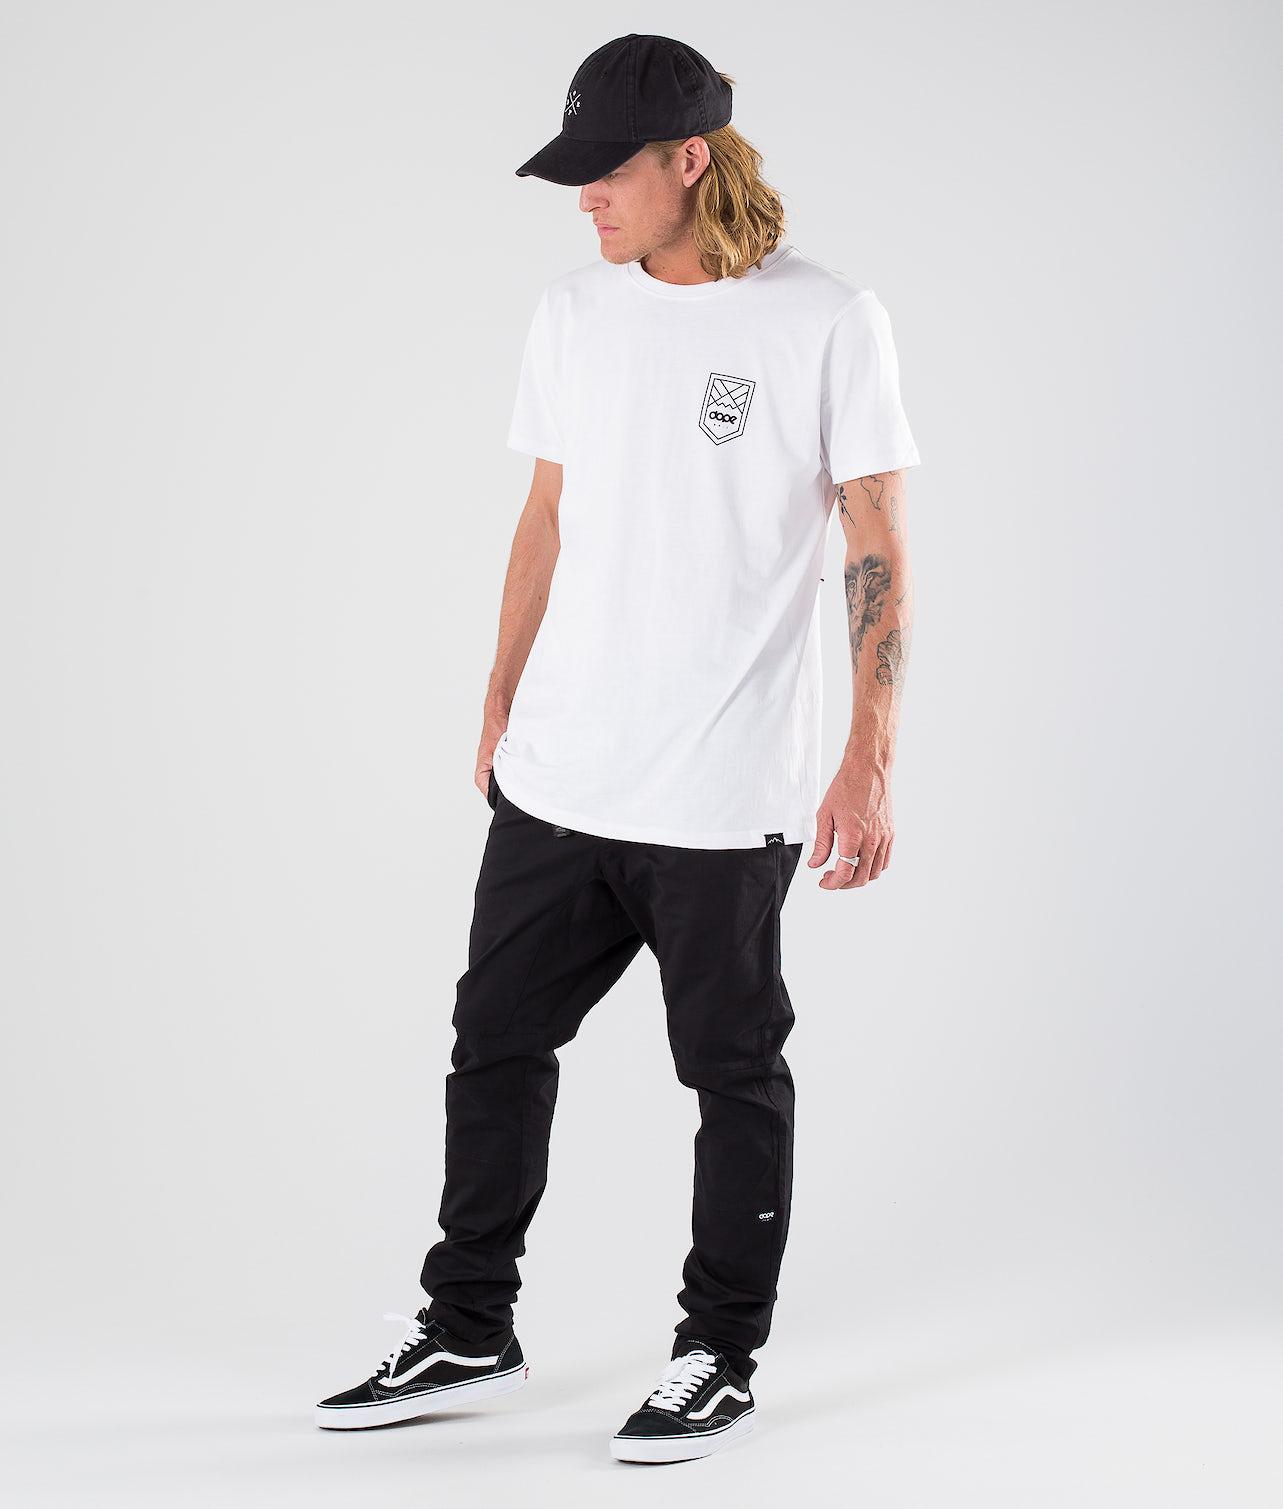 Kjøp Shield T-shirt fra Dope på Ridestore.no - Hos oss har du alltid fri frakt, fri retur og 30 dagers åpent kjøp!